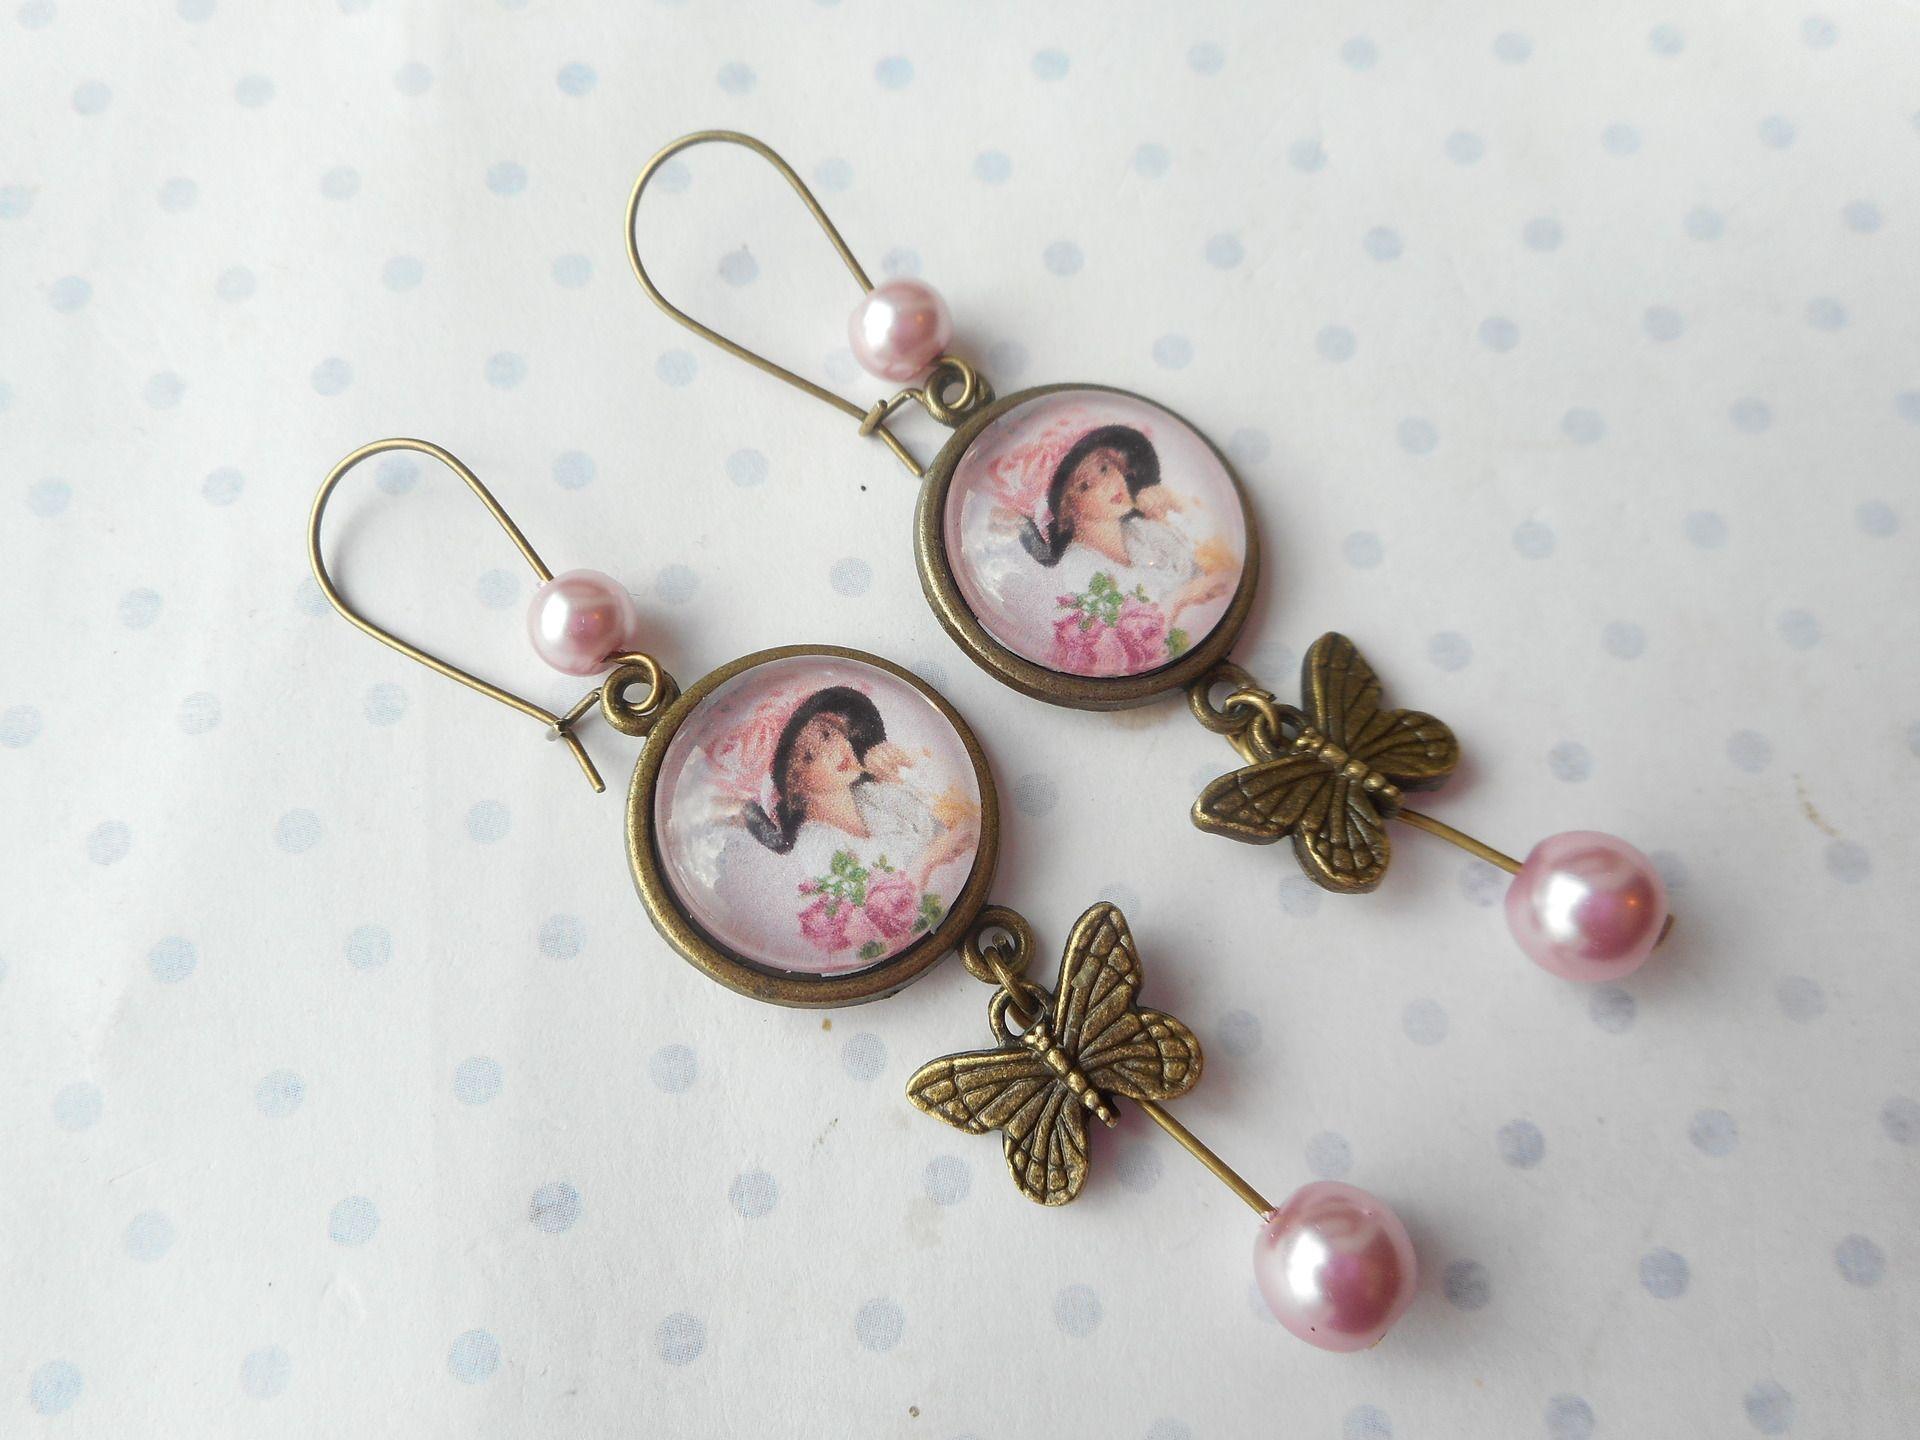 """Grandes boucles d'oreille dormeuses vintage """"la belle au chapeau rose - papillon"""" les pois rouge et blanc - création : Boucles d'oreille par miss-coopecoll"""